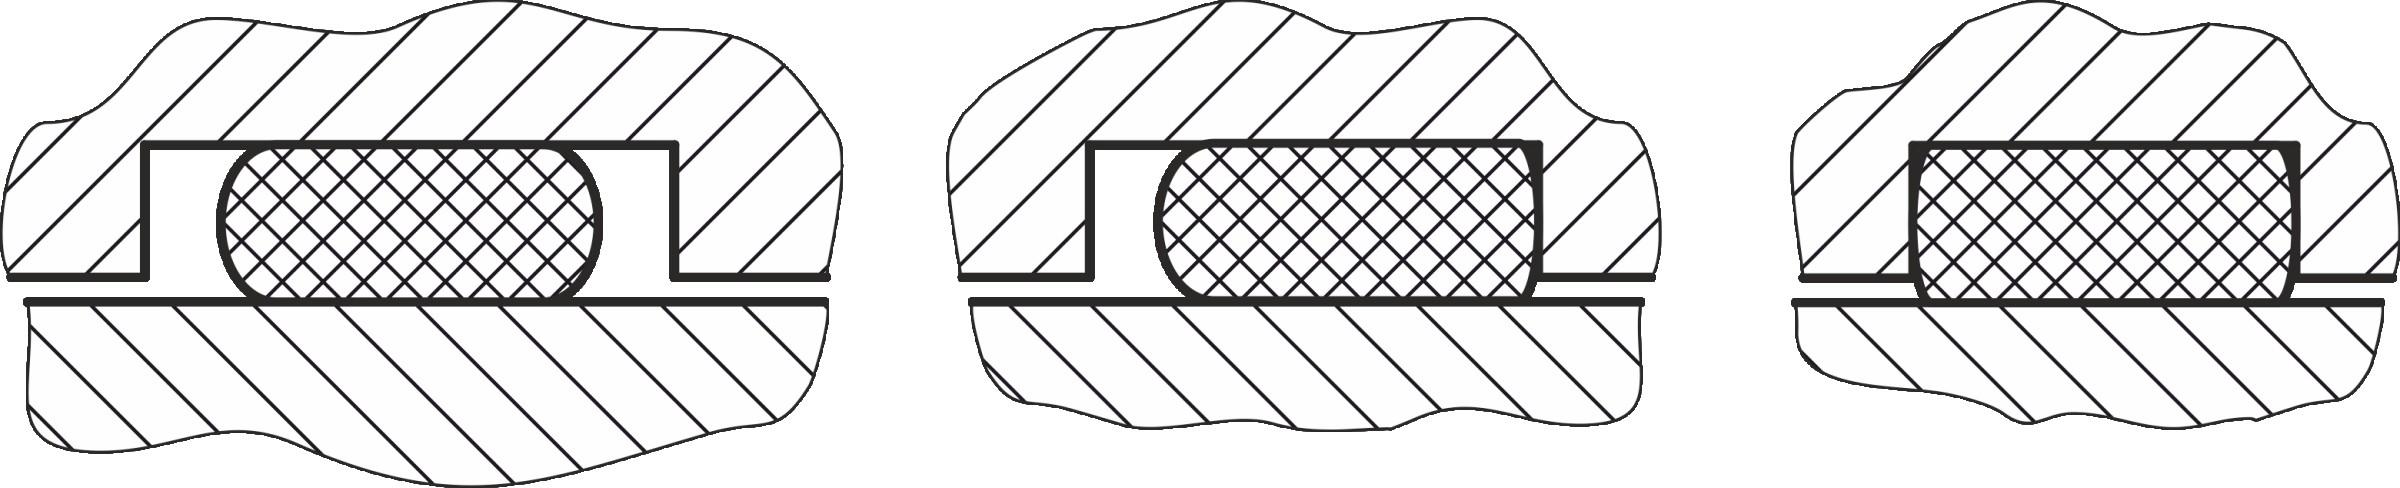 Bild 3 Unbehinderte (l.), einseitig (m.) und beidseitig (r.) behinderte Einbausituation. Bild: Verfasser